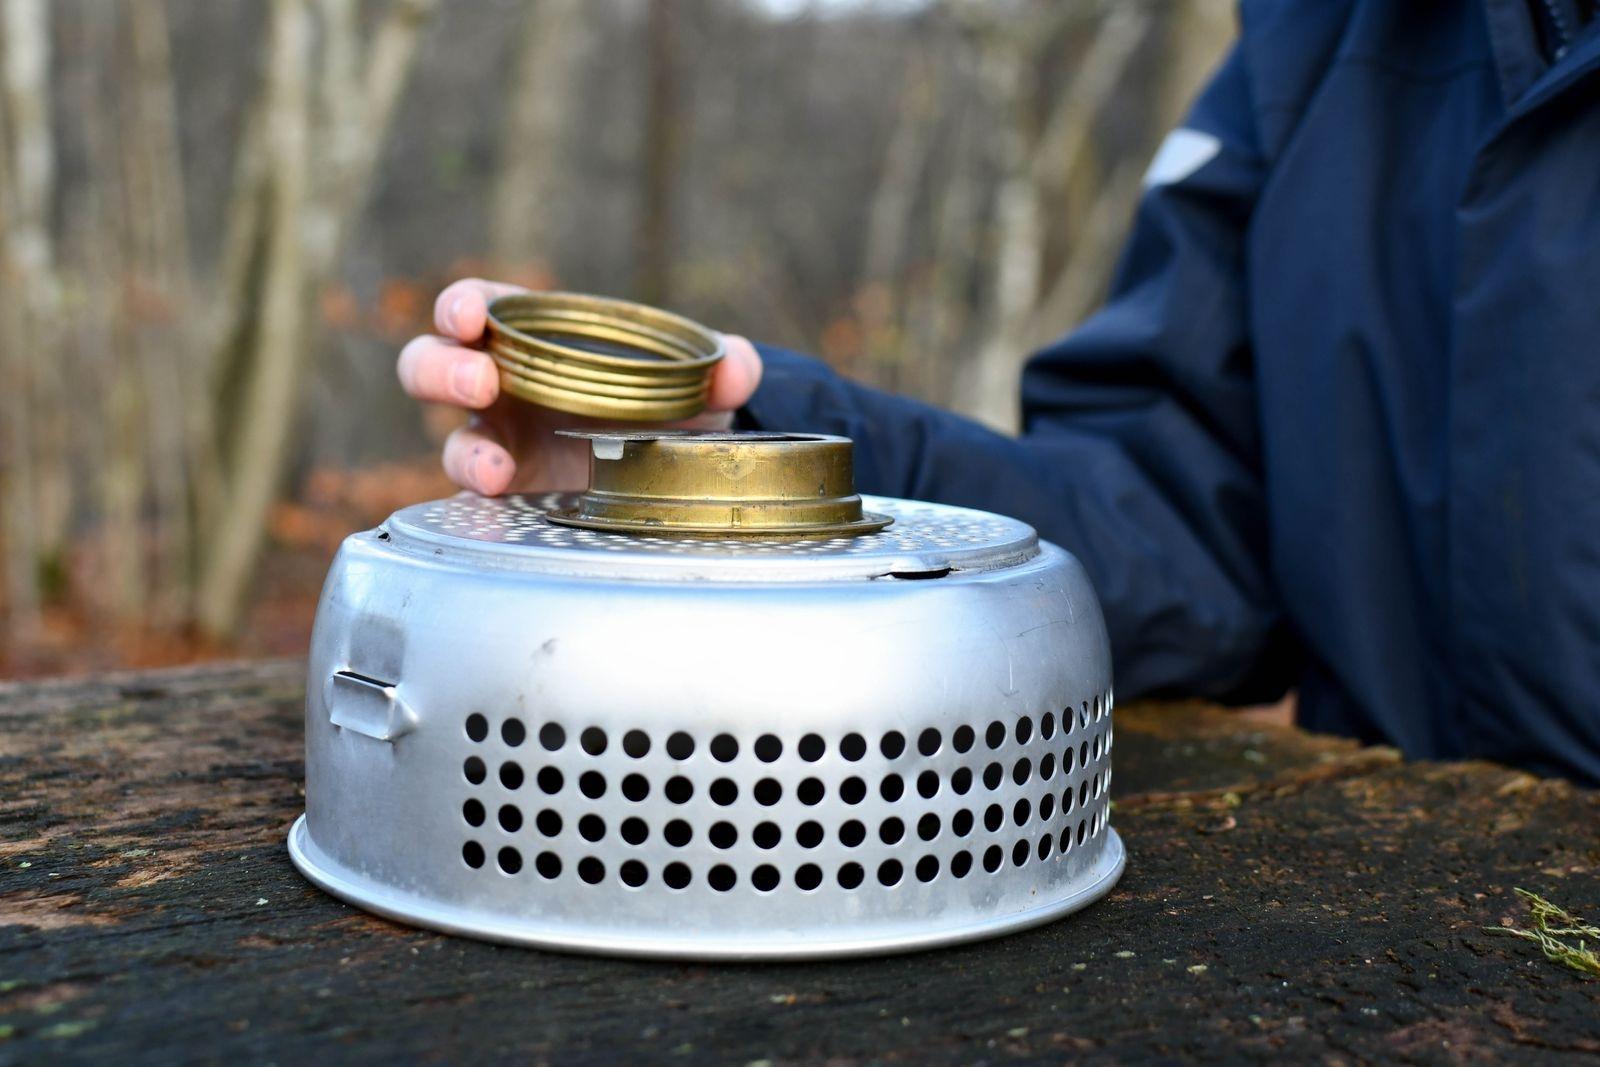 """Sätt brännaren på plats i det undre vindskyddet. Ett så kallat """"spritkök"""" drivs med Tenol eller T-röd. En fyllning av spritbrännaren (max 2/3-delar av höjden) brinner cirka 25 minuter. Fyll aldrig på bränsle i en het brännare, låt svalna innan påfyllning."""